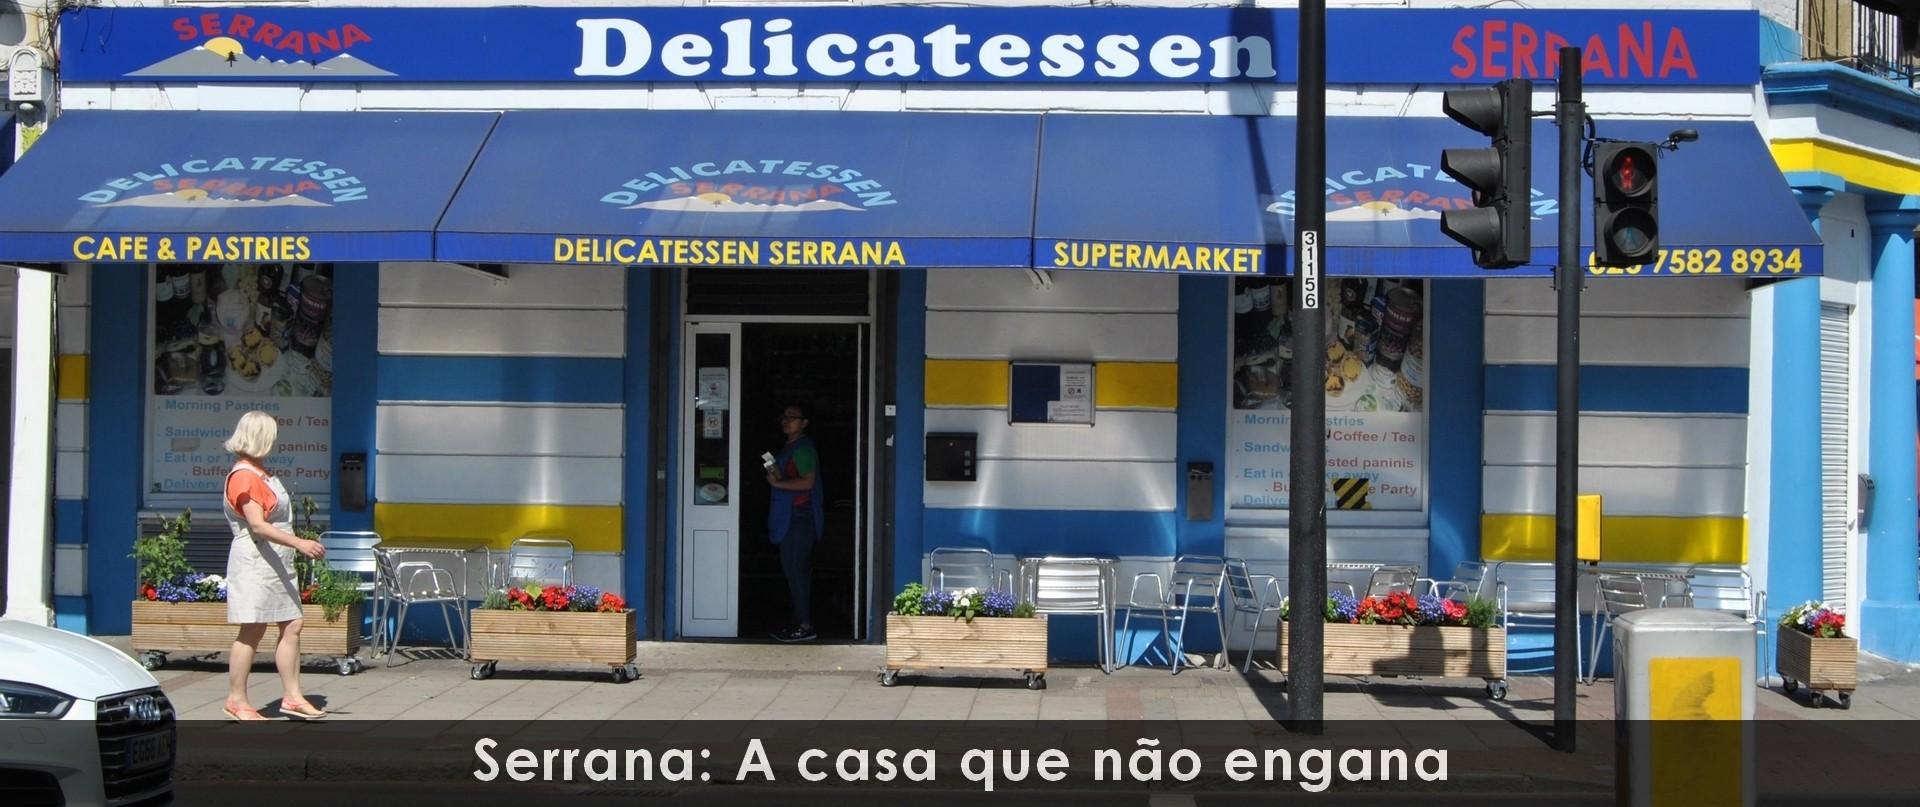 http://cantinhodamadeira.pt/cache/resized/de1e888b6457bee383d5791d097d231d.jpg